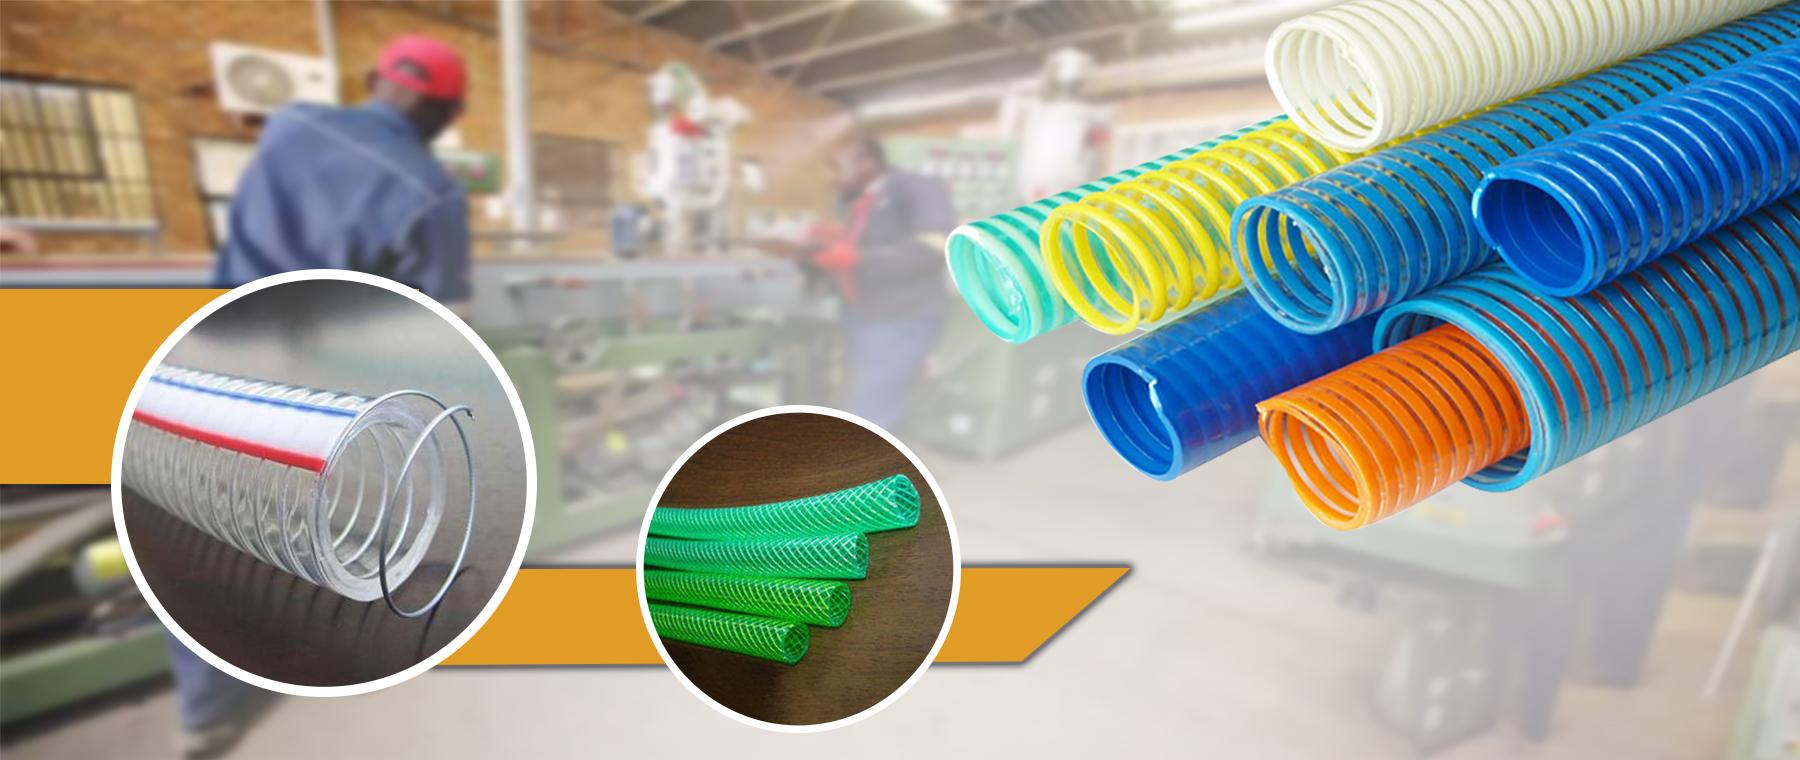 Authorized Wholesale Dealer of super flexible hoses.